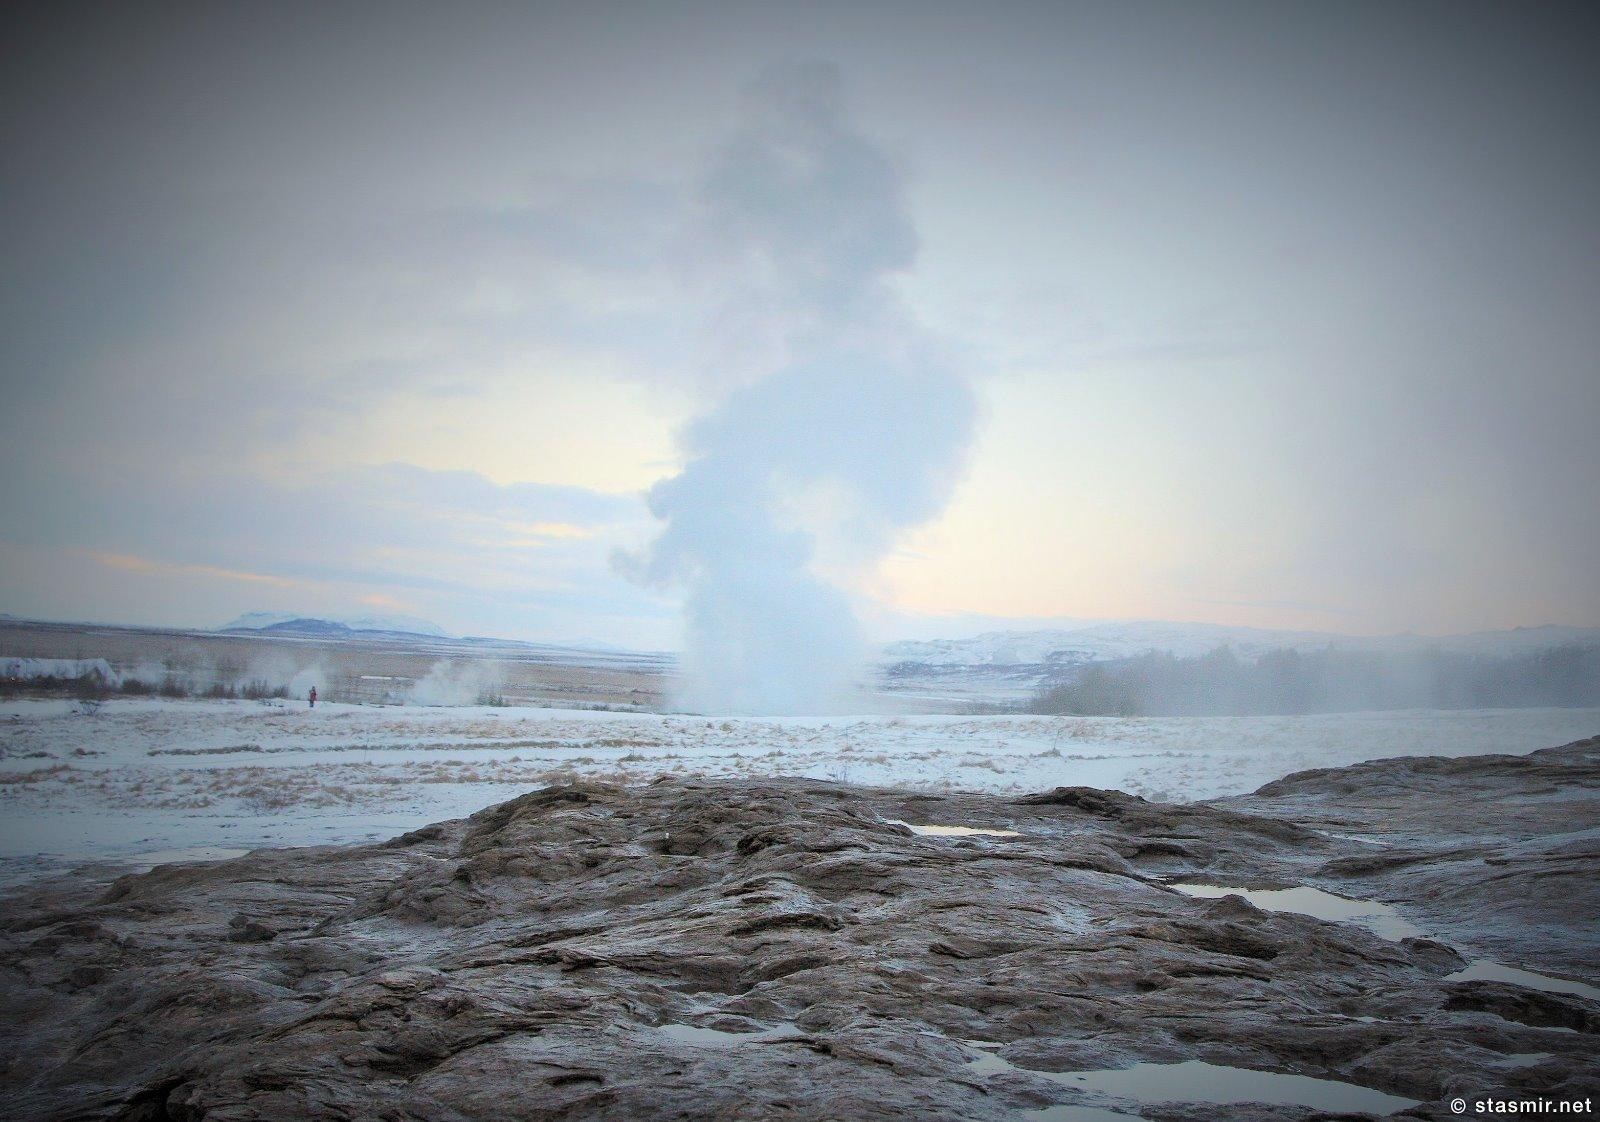 geysir, гейзер Строккюр, Строккур, долина гейзеров, золотое кольцо Исландии